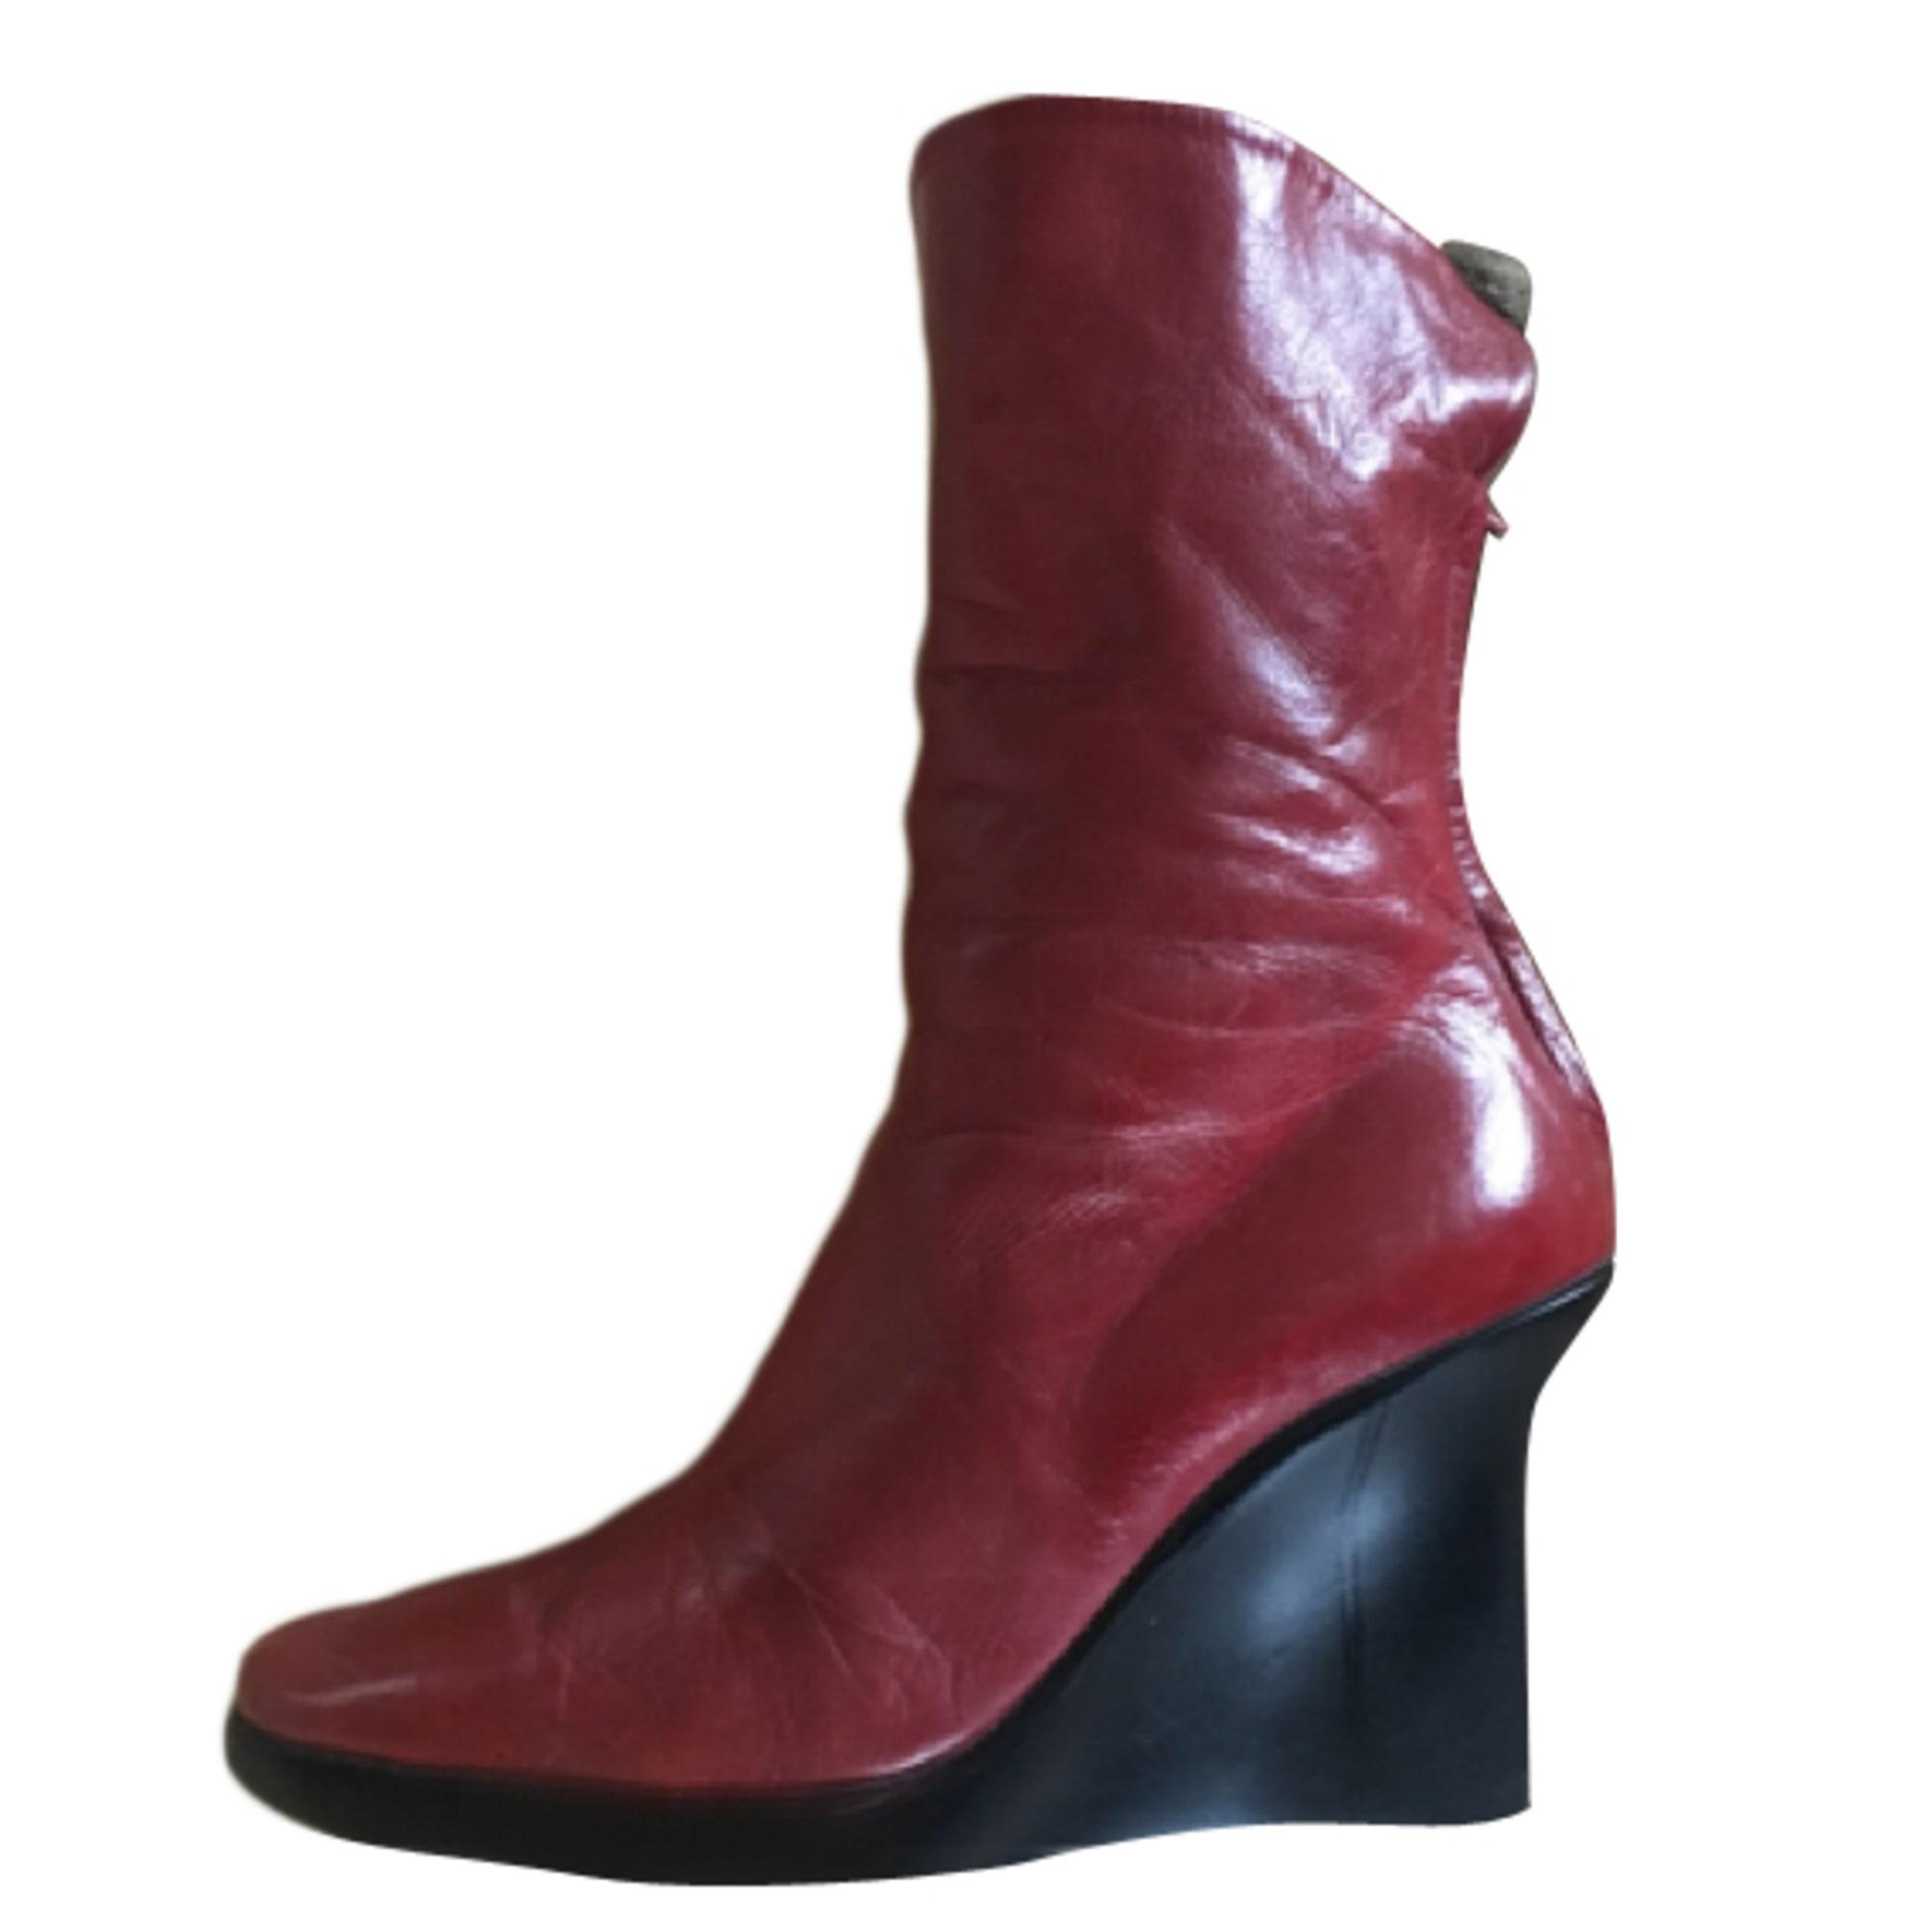 boots Bottineslow boots à à à compensés Bottineslow boots Bottineslow Bottineslow boots à compensés compensés OkXiuPZ